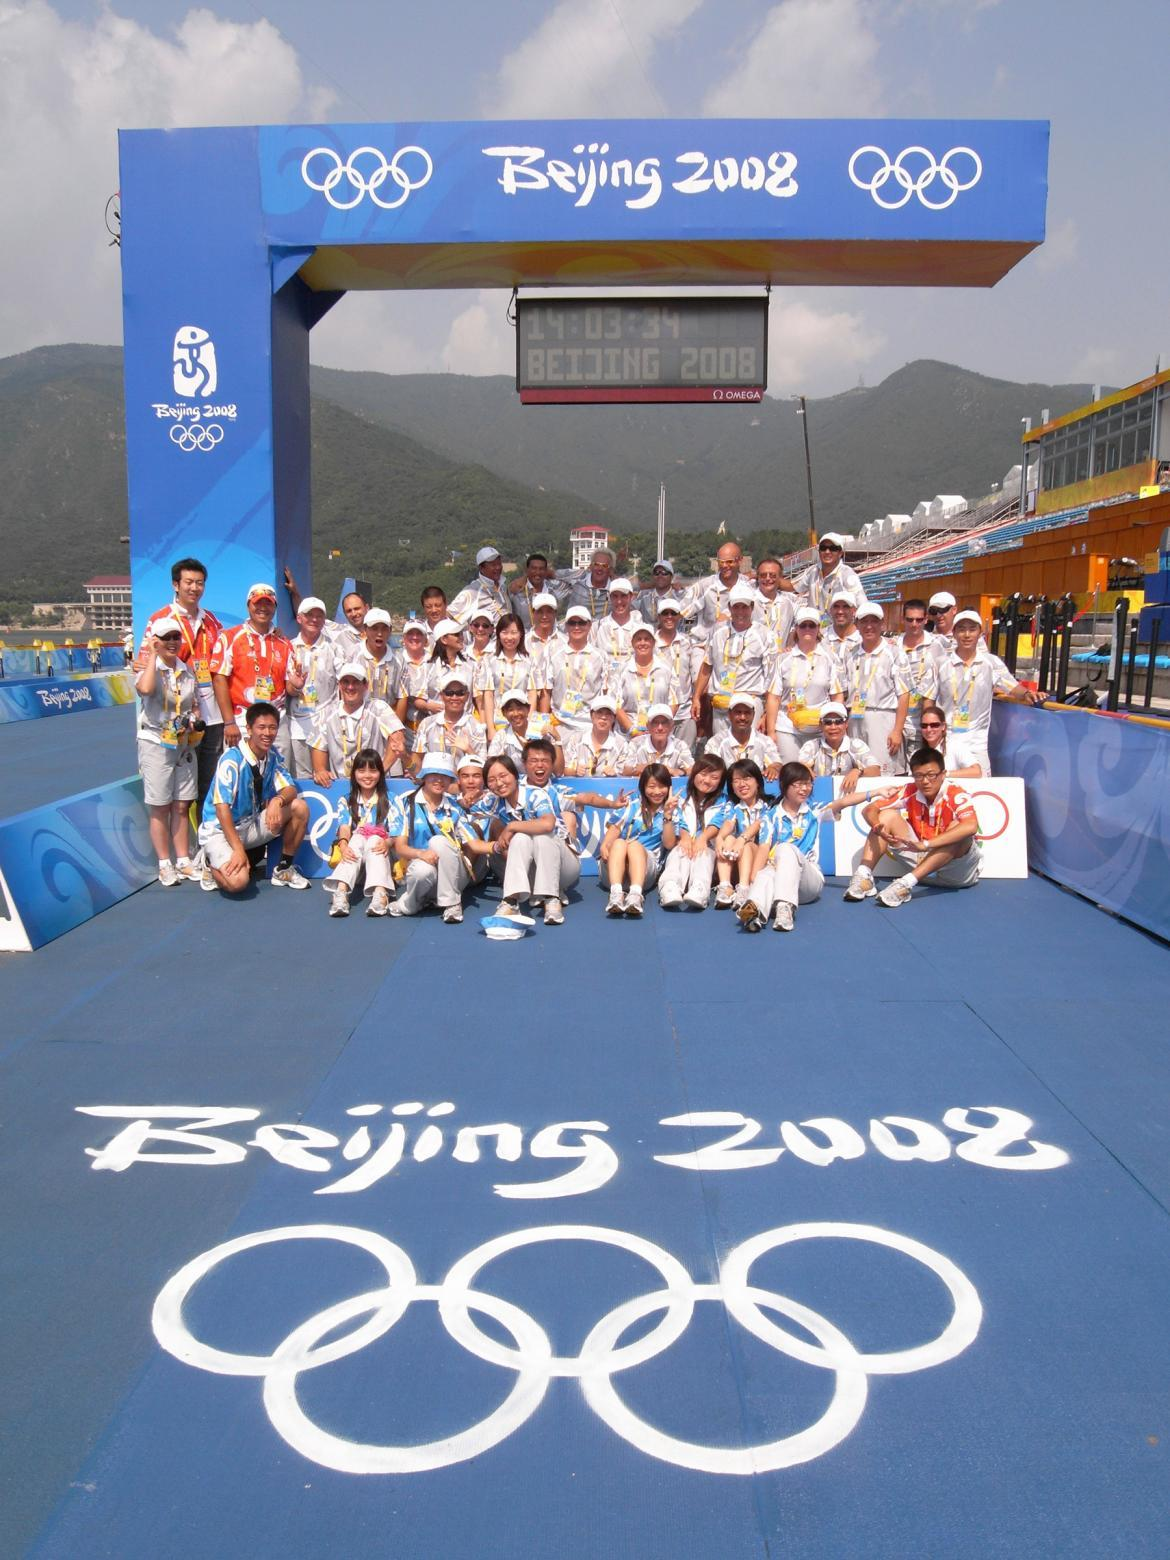 北京奥运十年首次整体回顾_十三陵水库殿堂赛场再迎铁三